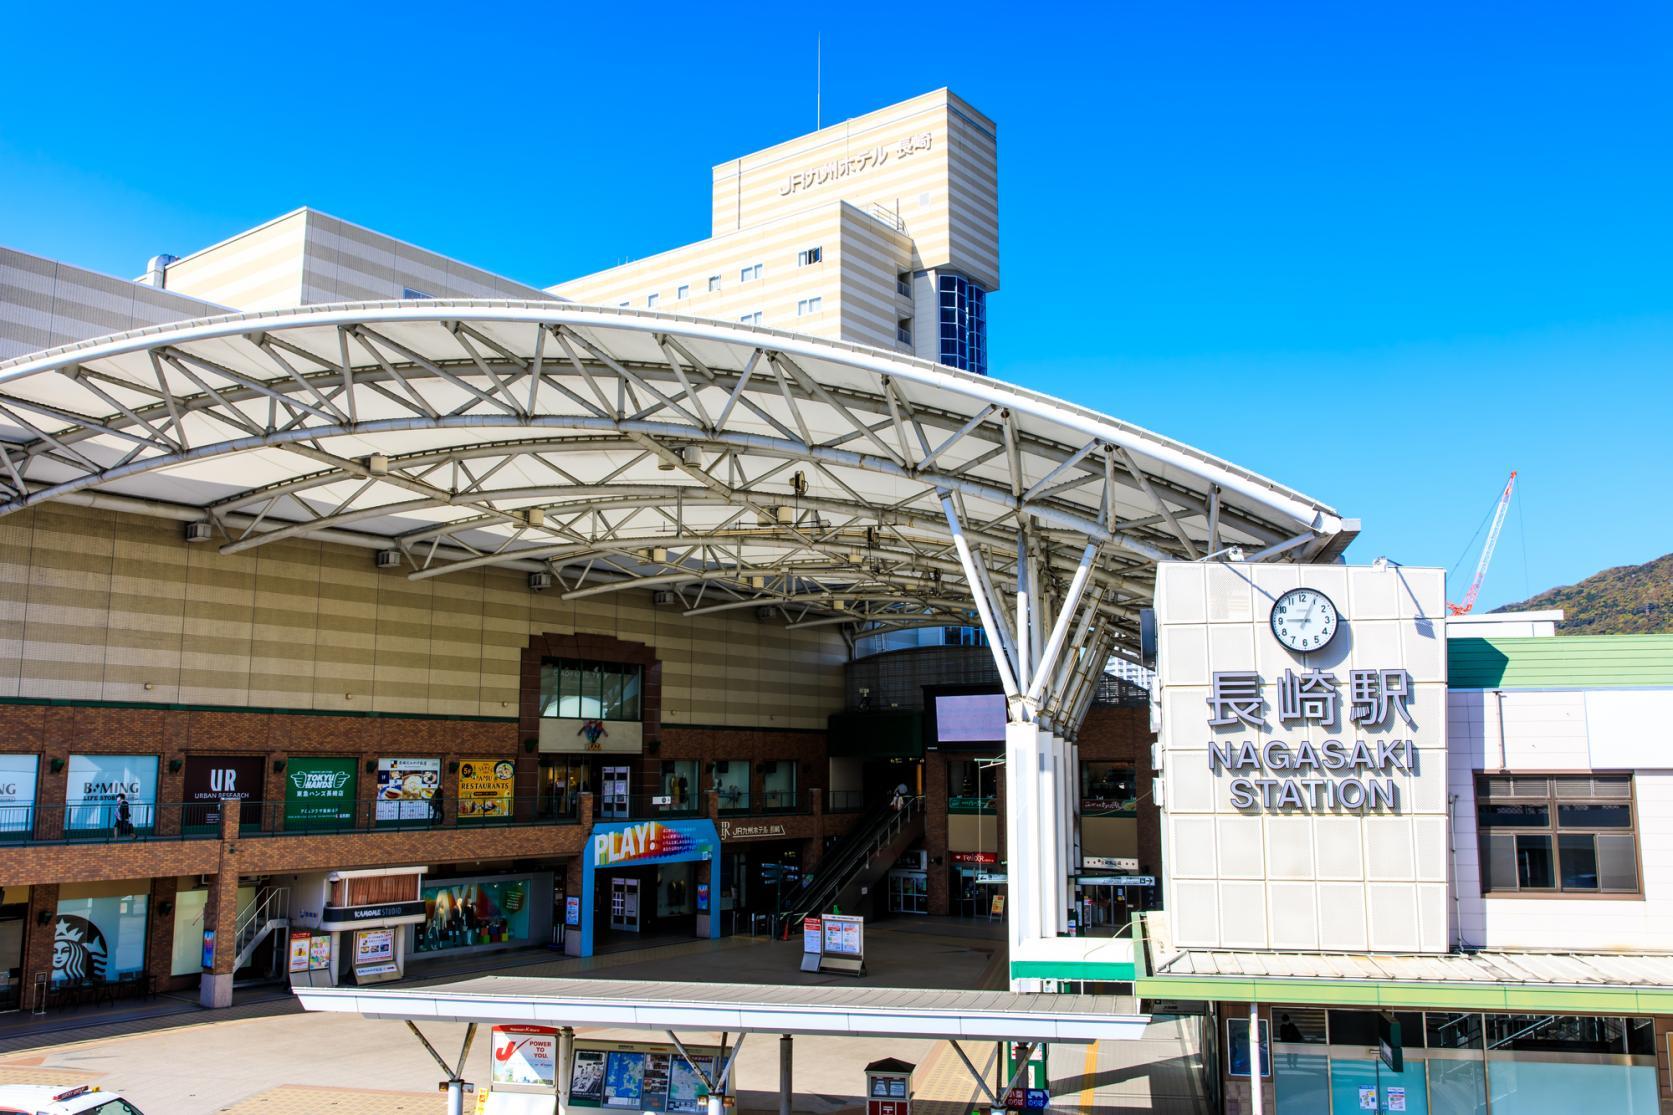 【Day 1】Nagasaki Station-1